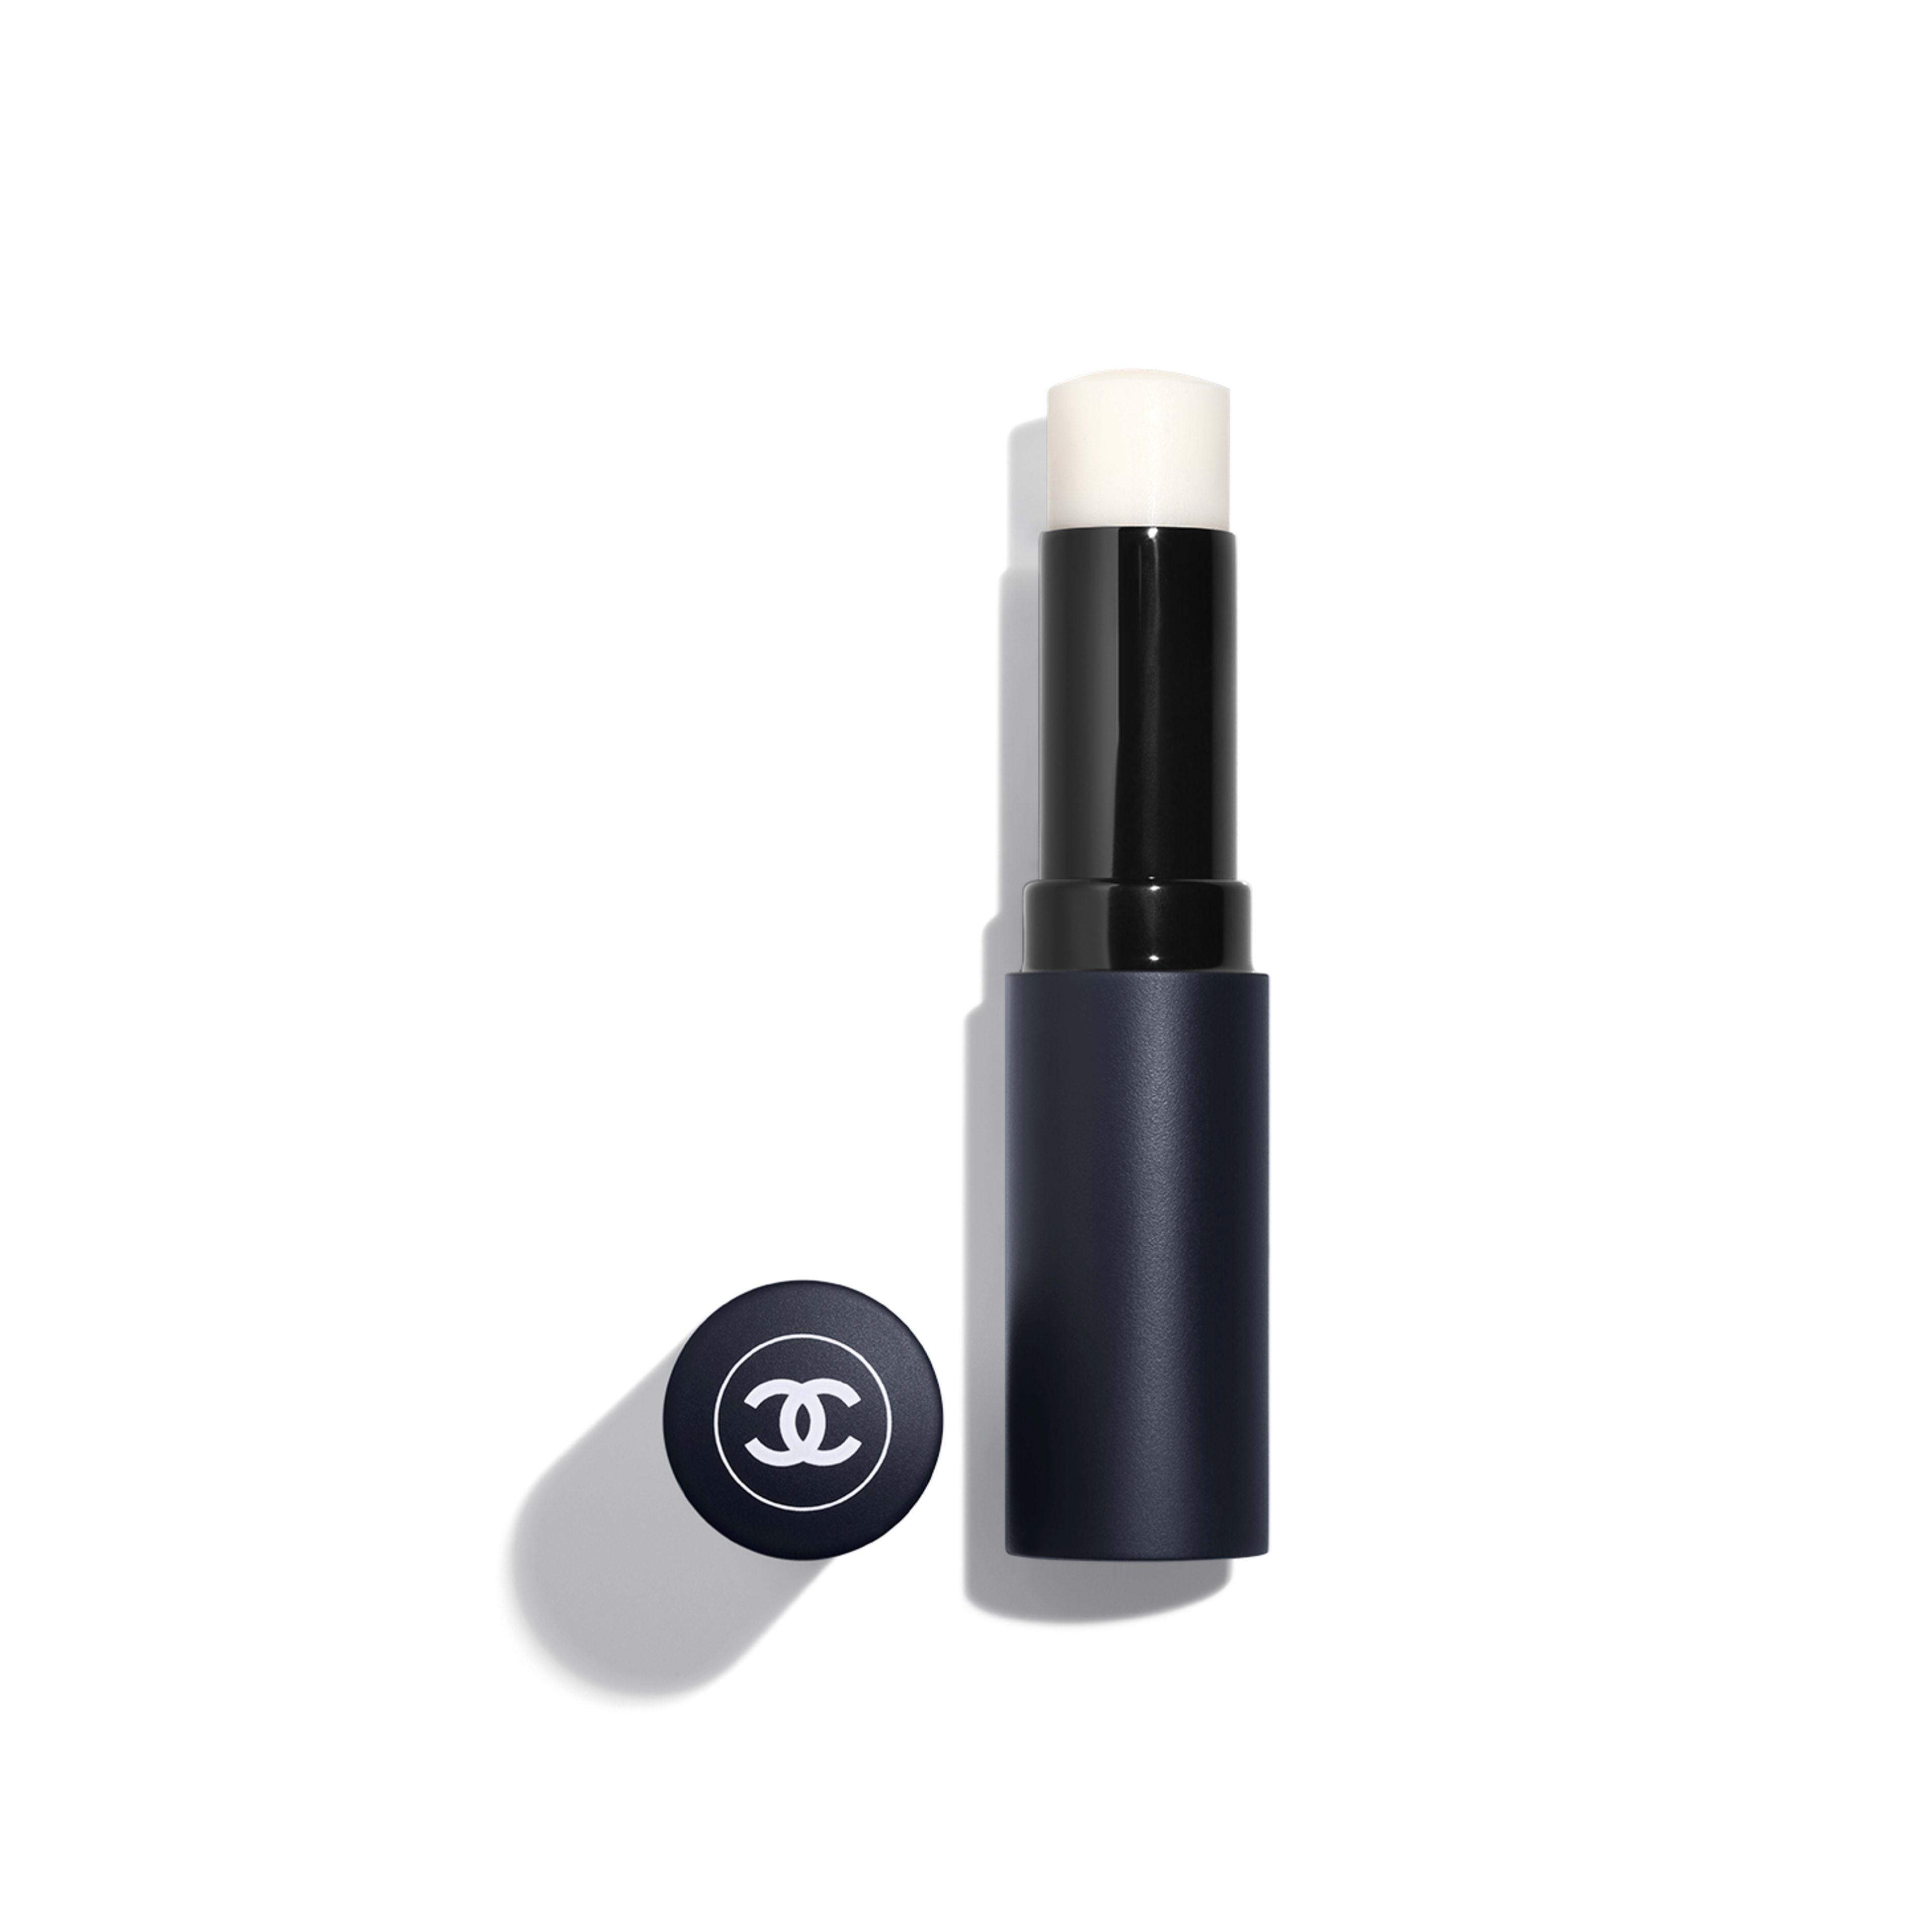 BOY DE CHANEL - makeup - 0.1OZ. - Default view